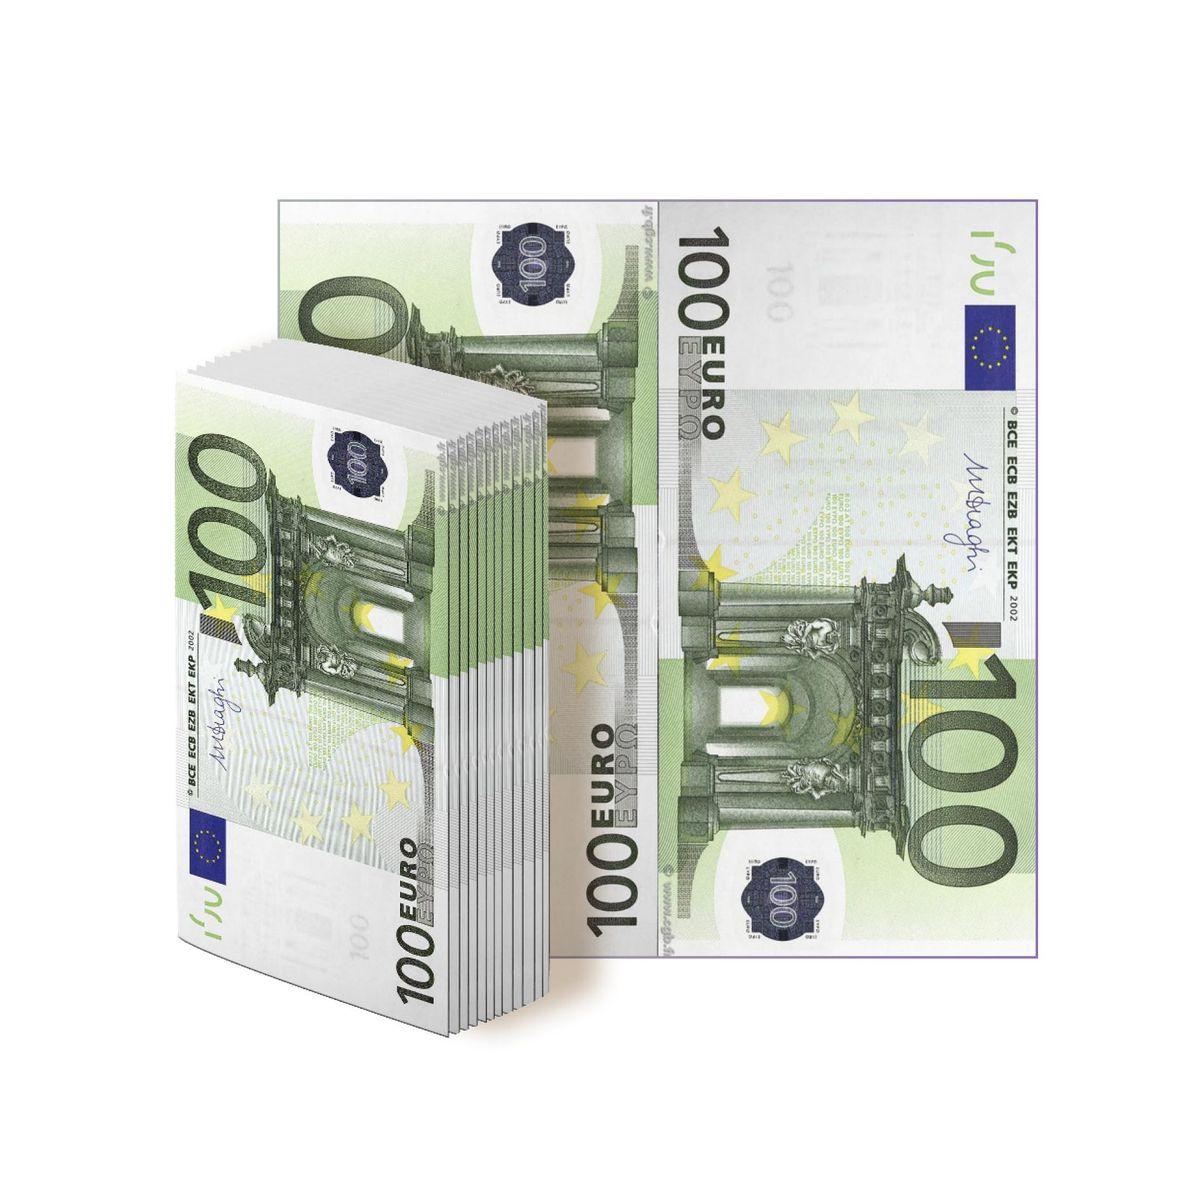 Салфетки бумажные Gratias 100 евро, трехслойные, 33 х 33 см, 12 шт91615Бумажные салфетки в виде купюр евро. Отличный выбор для оформления веселой вечеринки, подчеркнет ваше прекрасное чувство юмора и добавит дополнительного антуража на ваш праздник.Размер салфеток:- в сложенном виде: 16 х 8 см;- в развернутом виде: 33 х 33 см.